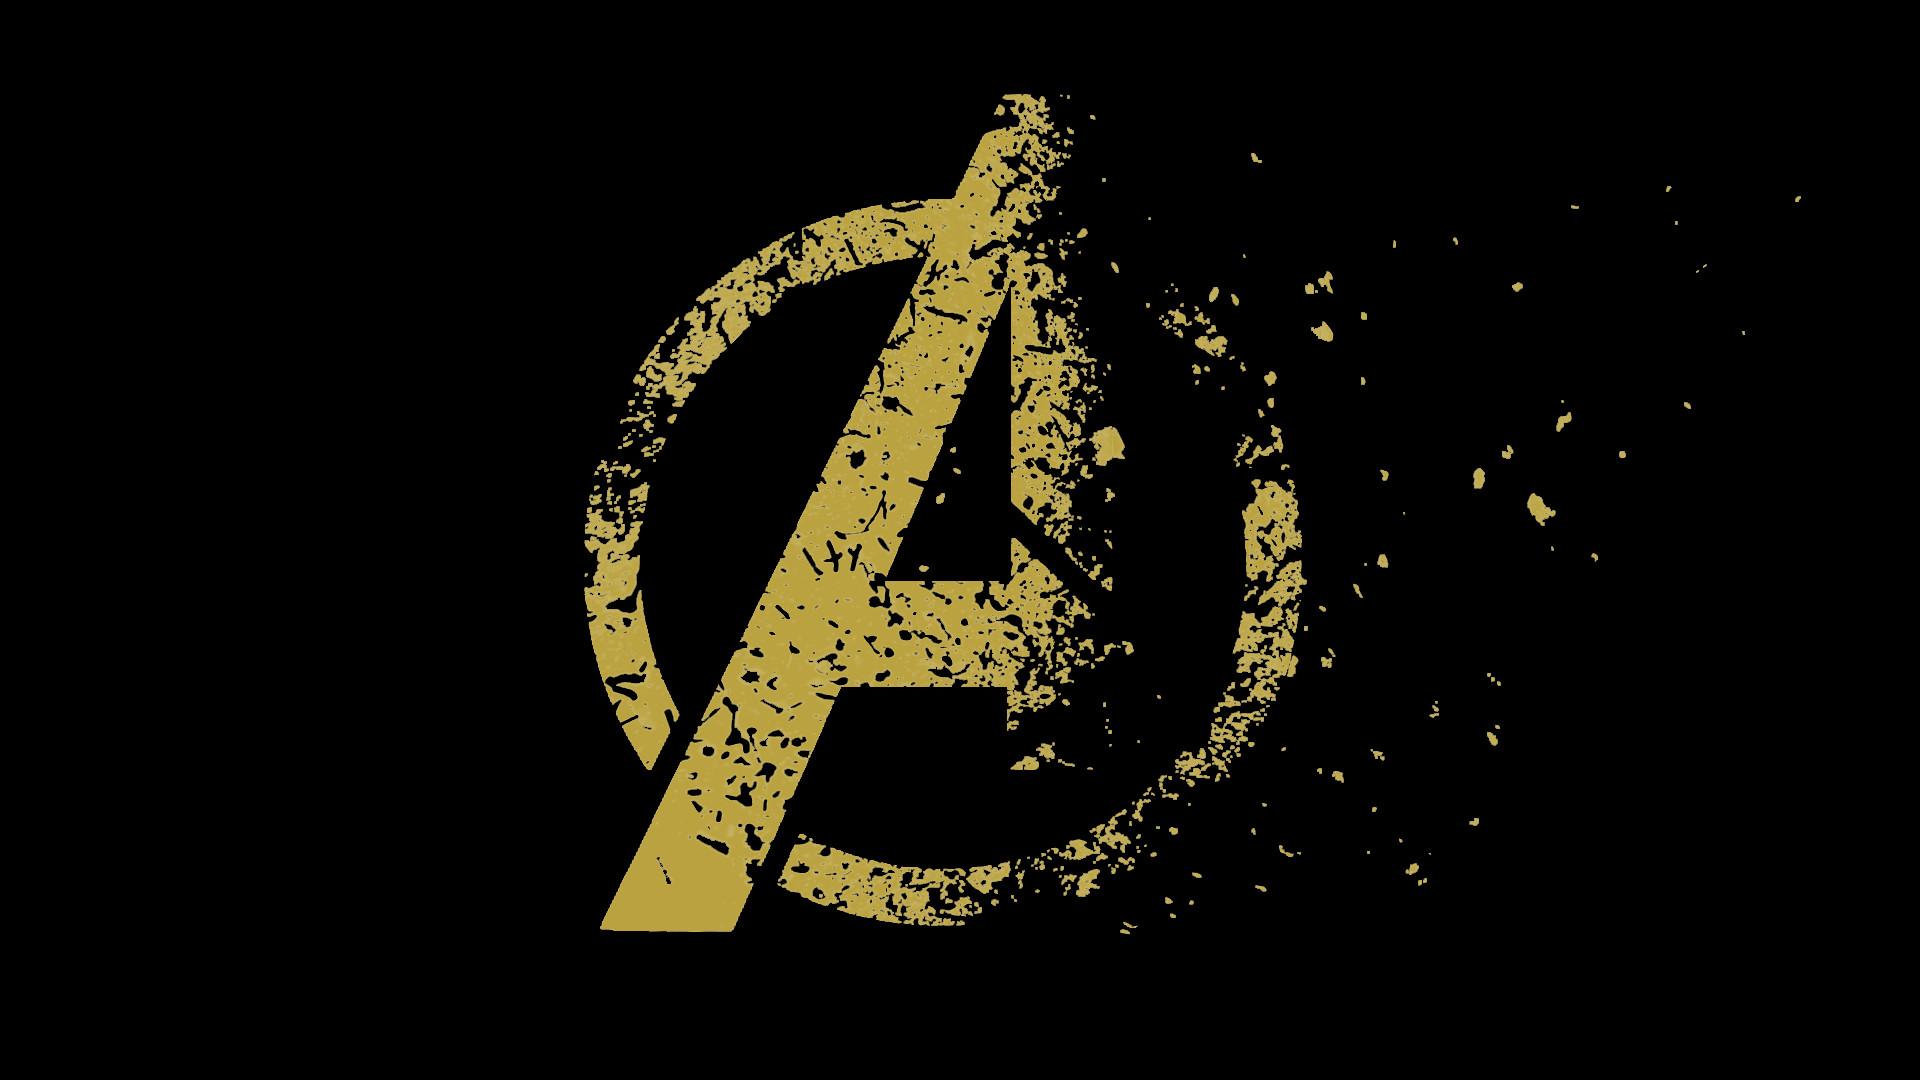 Res: 1920x1080, Avengers Endgame Movie Logo Disintegrating - by Nicksayan - Image #4430 -  Licence: Free